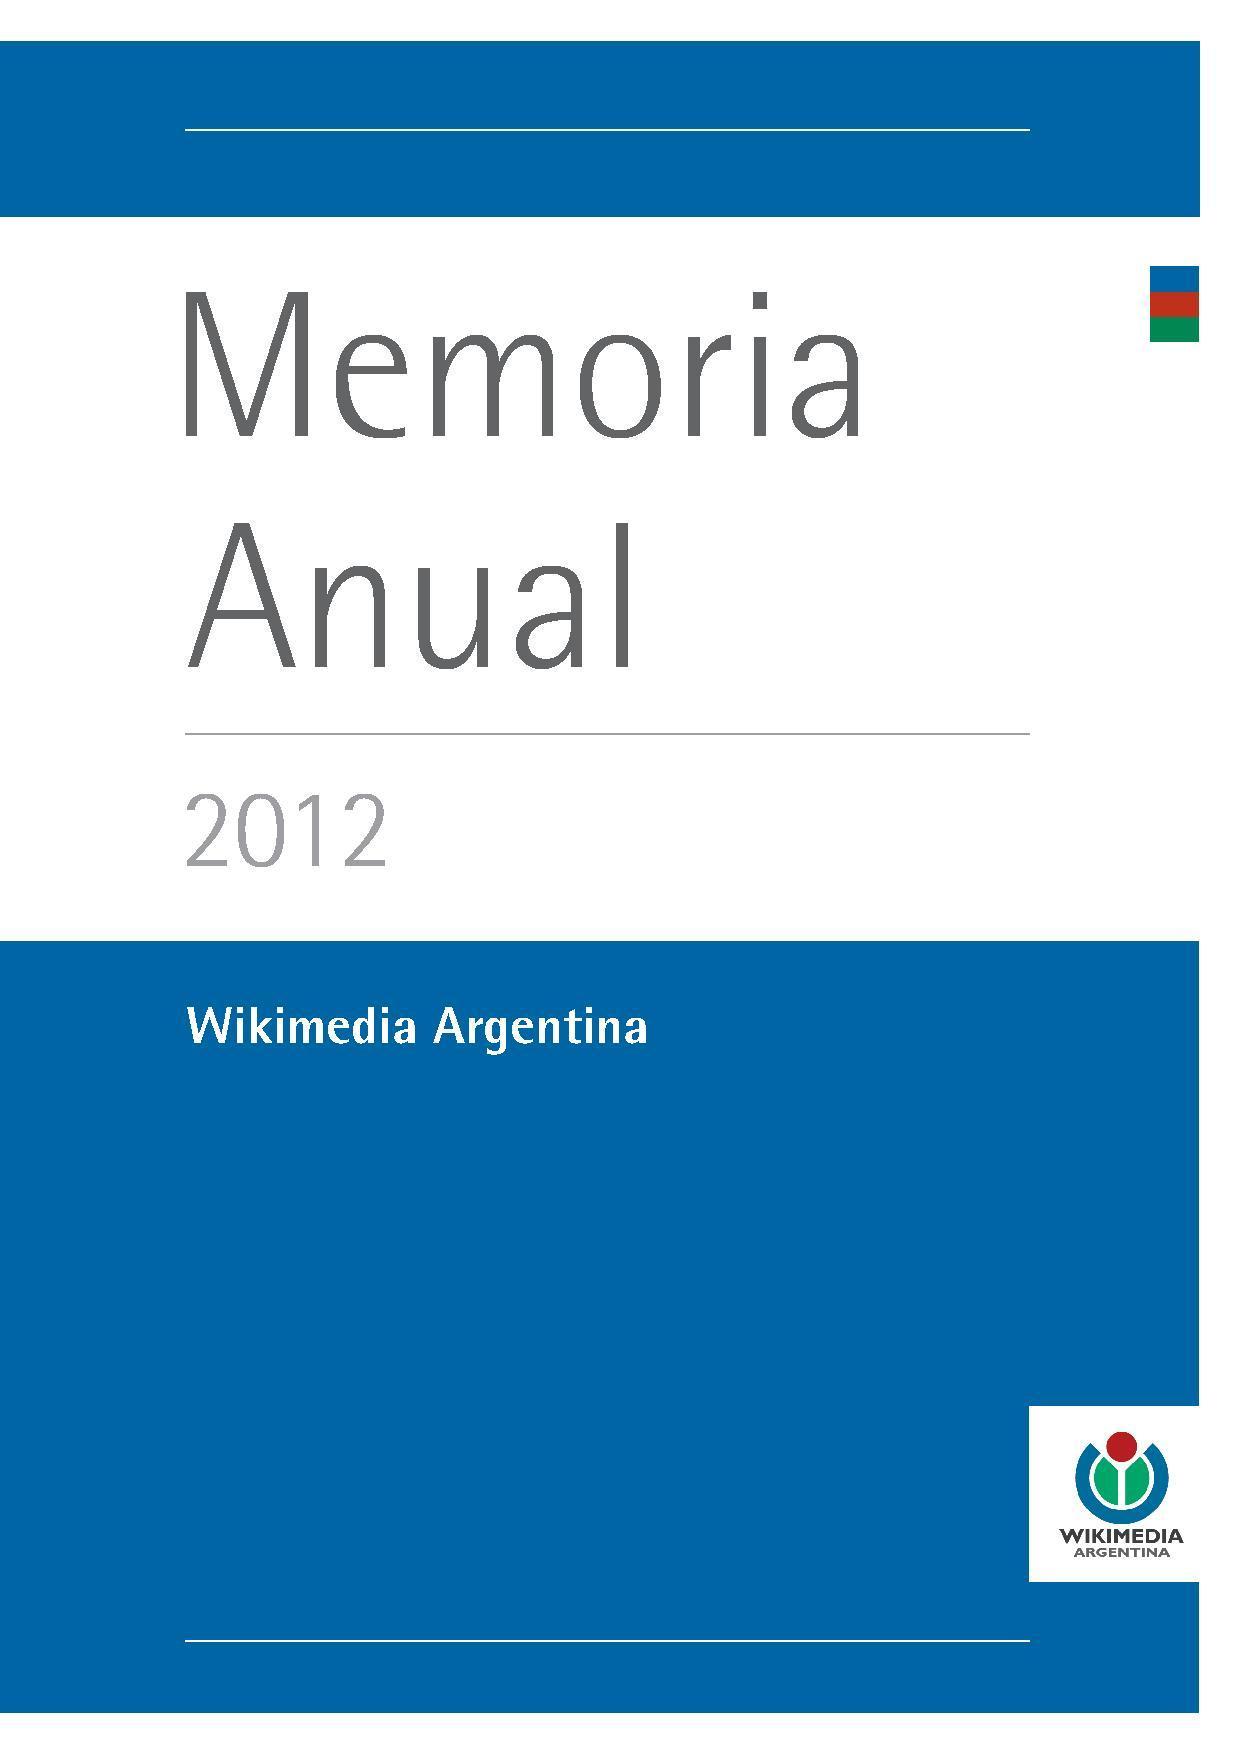 Archivo memoria anual 2012 wikimedia for Memoria anual